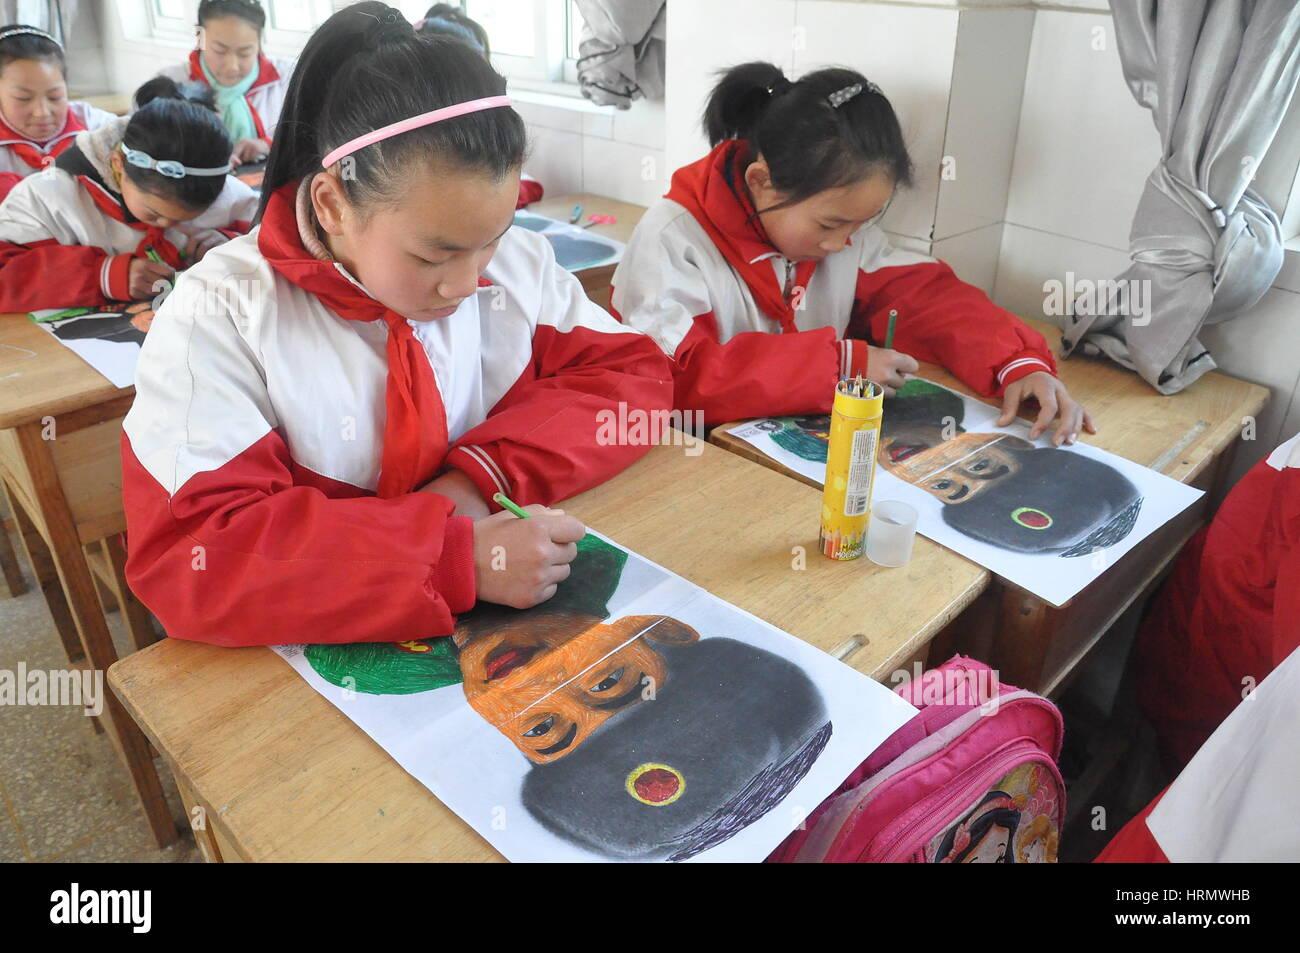 Lianyungang, Lianyungang, China. 2nd Mar, 2017. Lianyungang, CHINA-March 2 2017: (EDITORIAL USE ONLY. CHINA OUT) - Stock Image